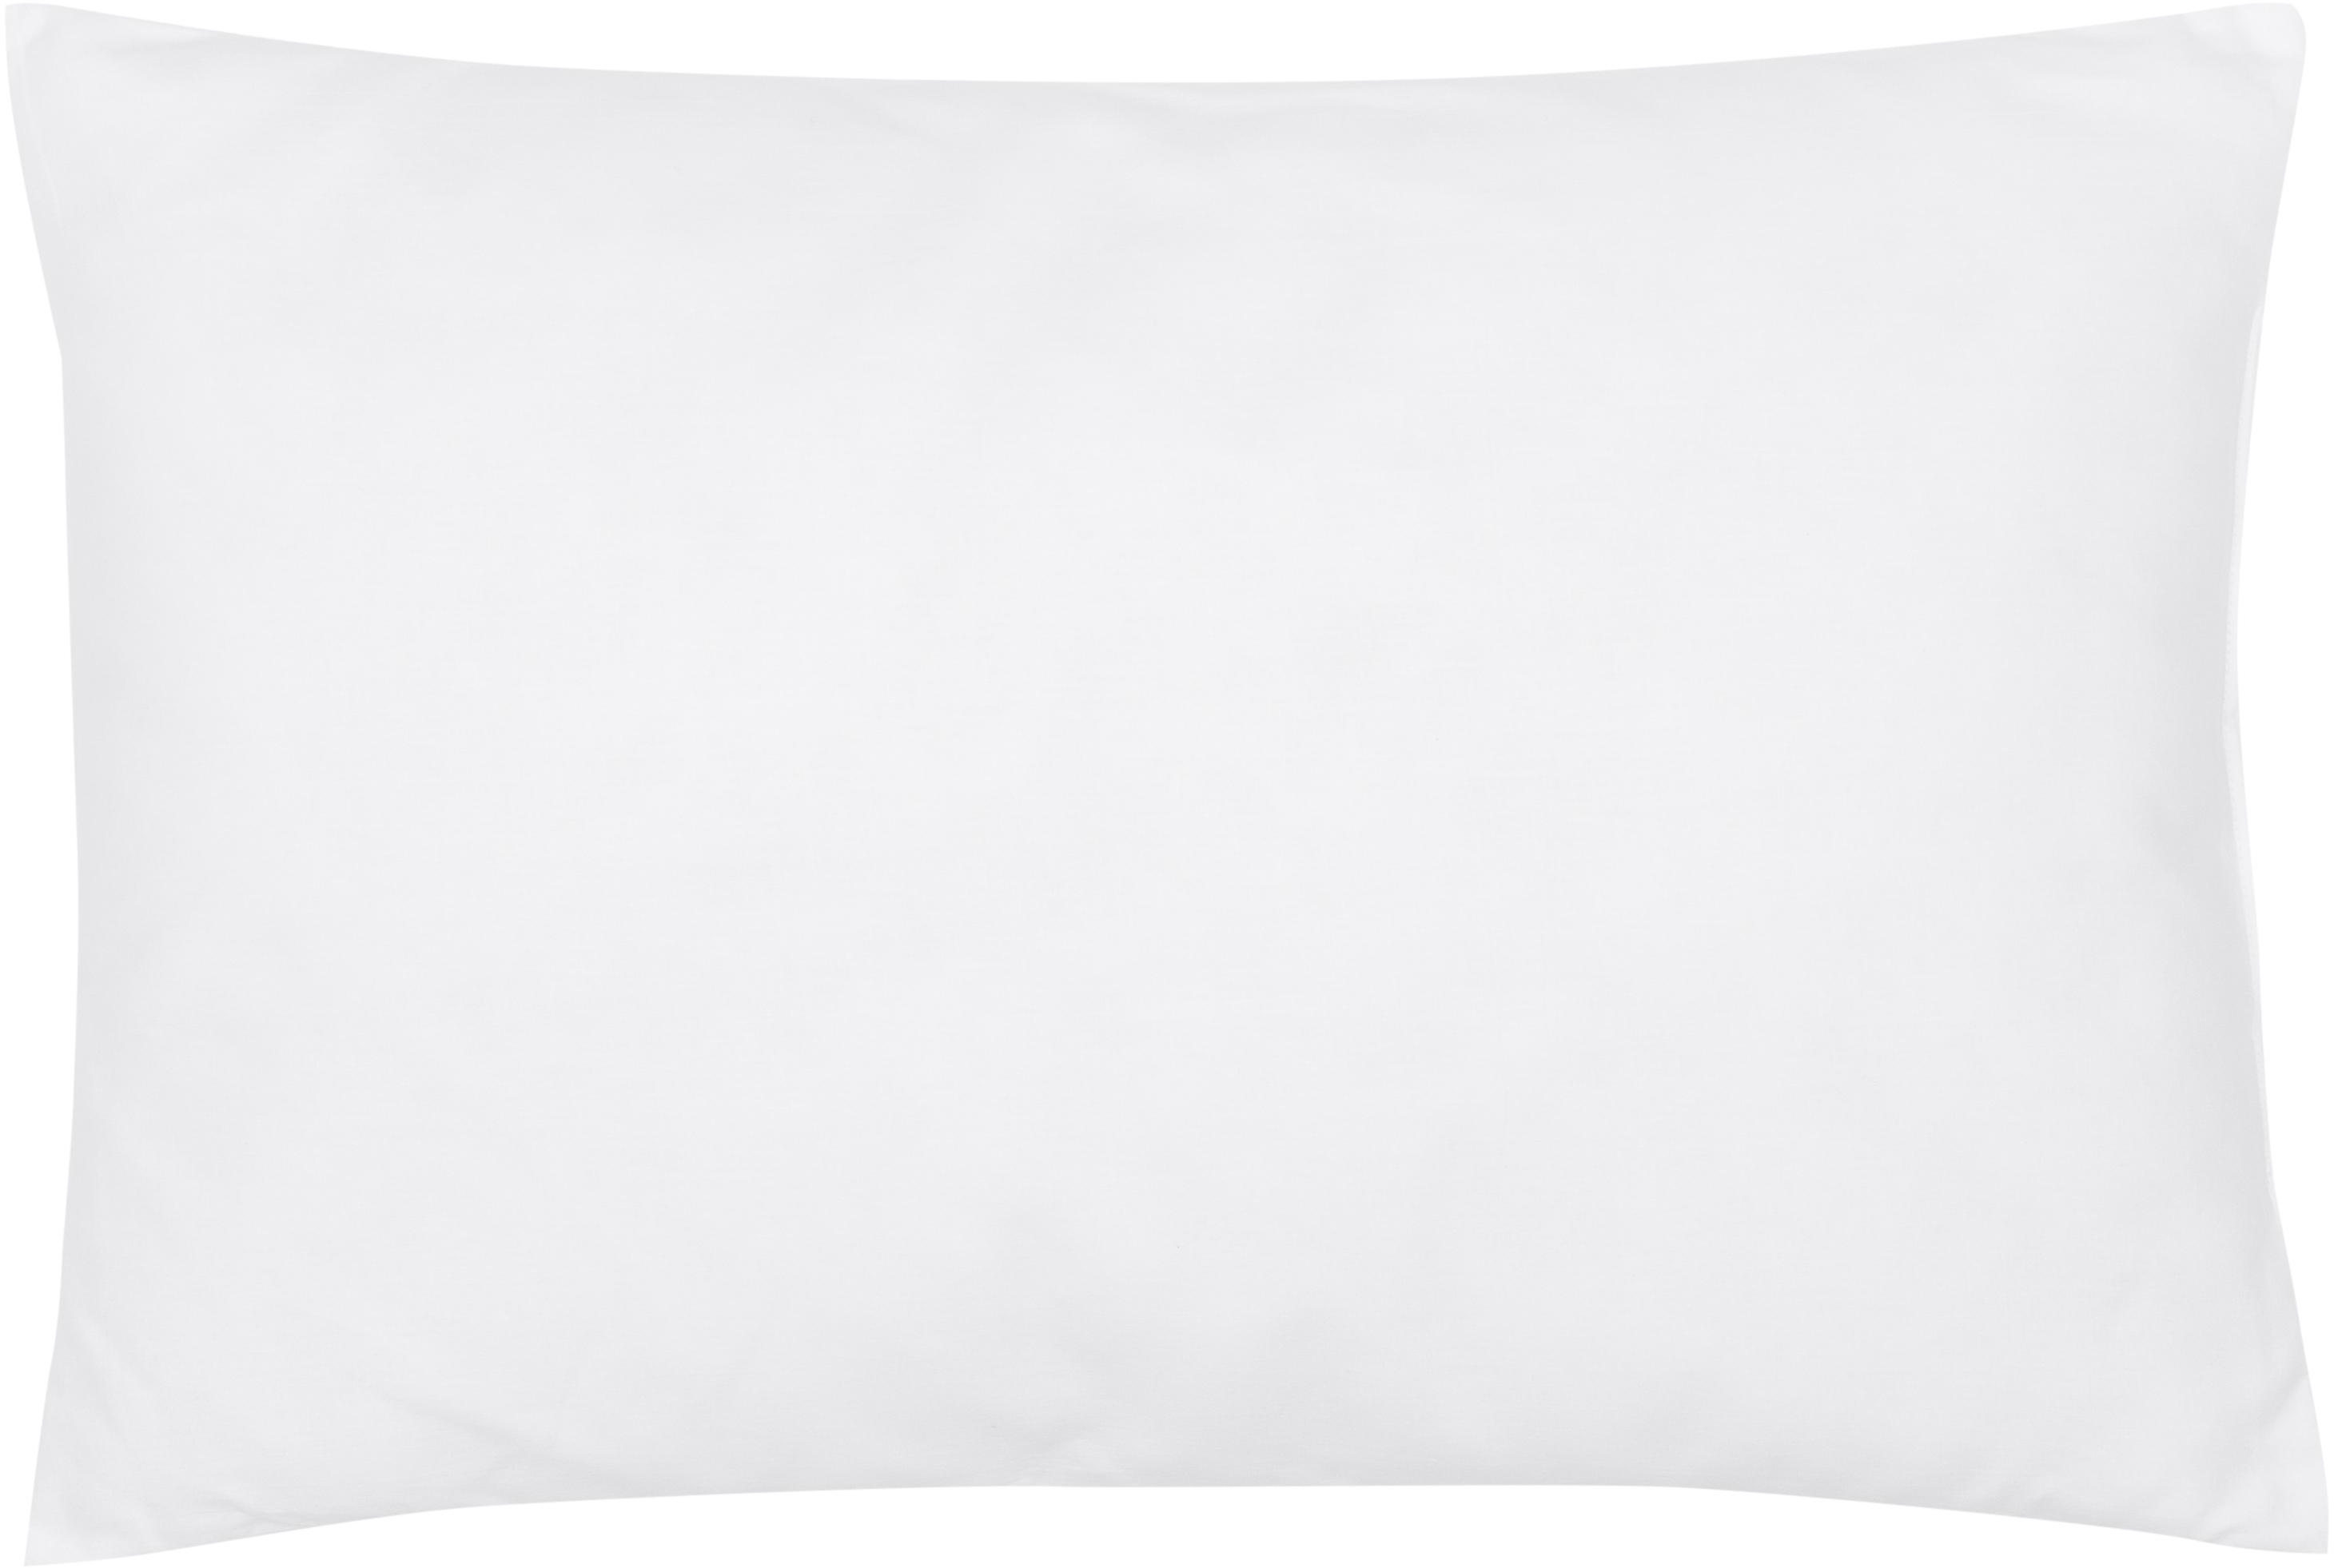 Kissen-Inlett Sia, 40x60, Microfaser-Füllung, Hülle: 100% Baumwolle, Weiß, 40 x 60 cm